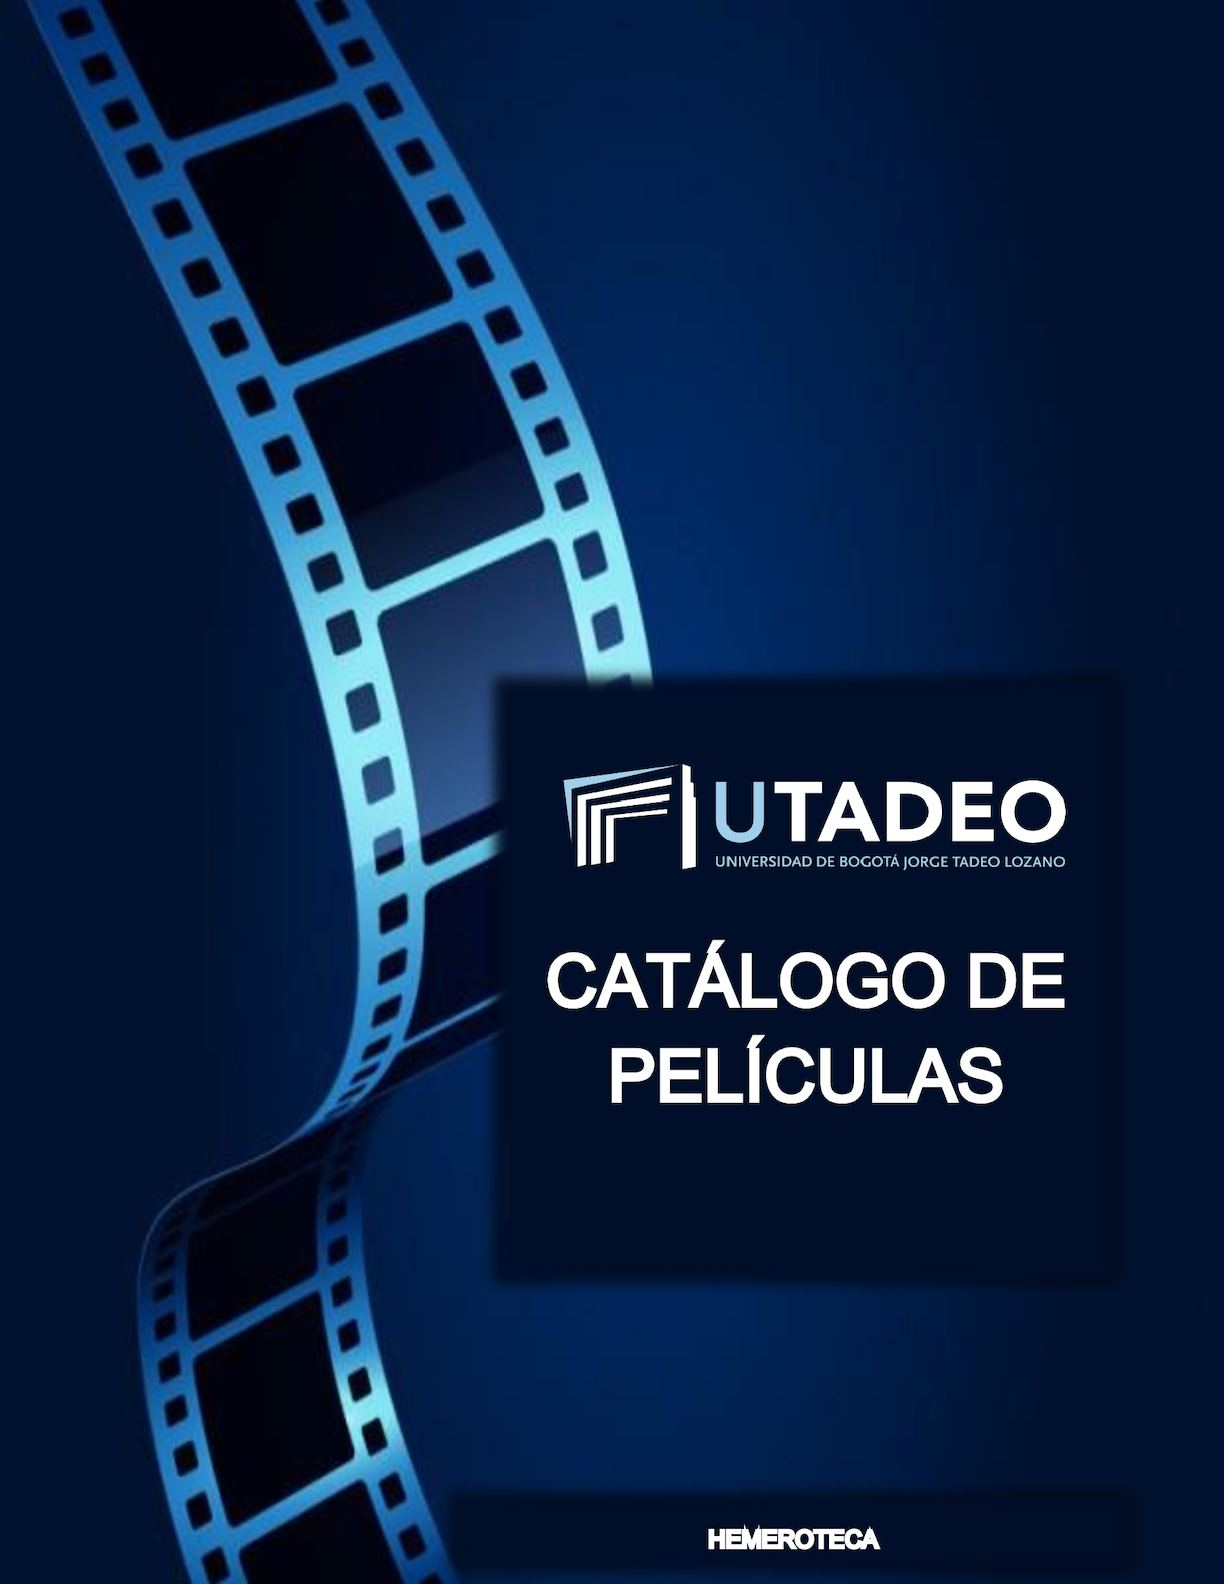 Pelicula Porno Deseo Inmortal calaméo - catálogo películas